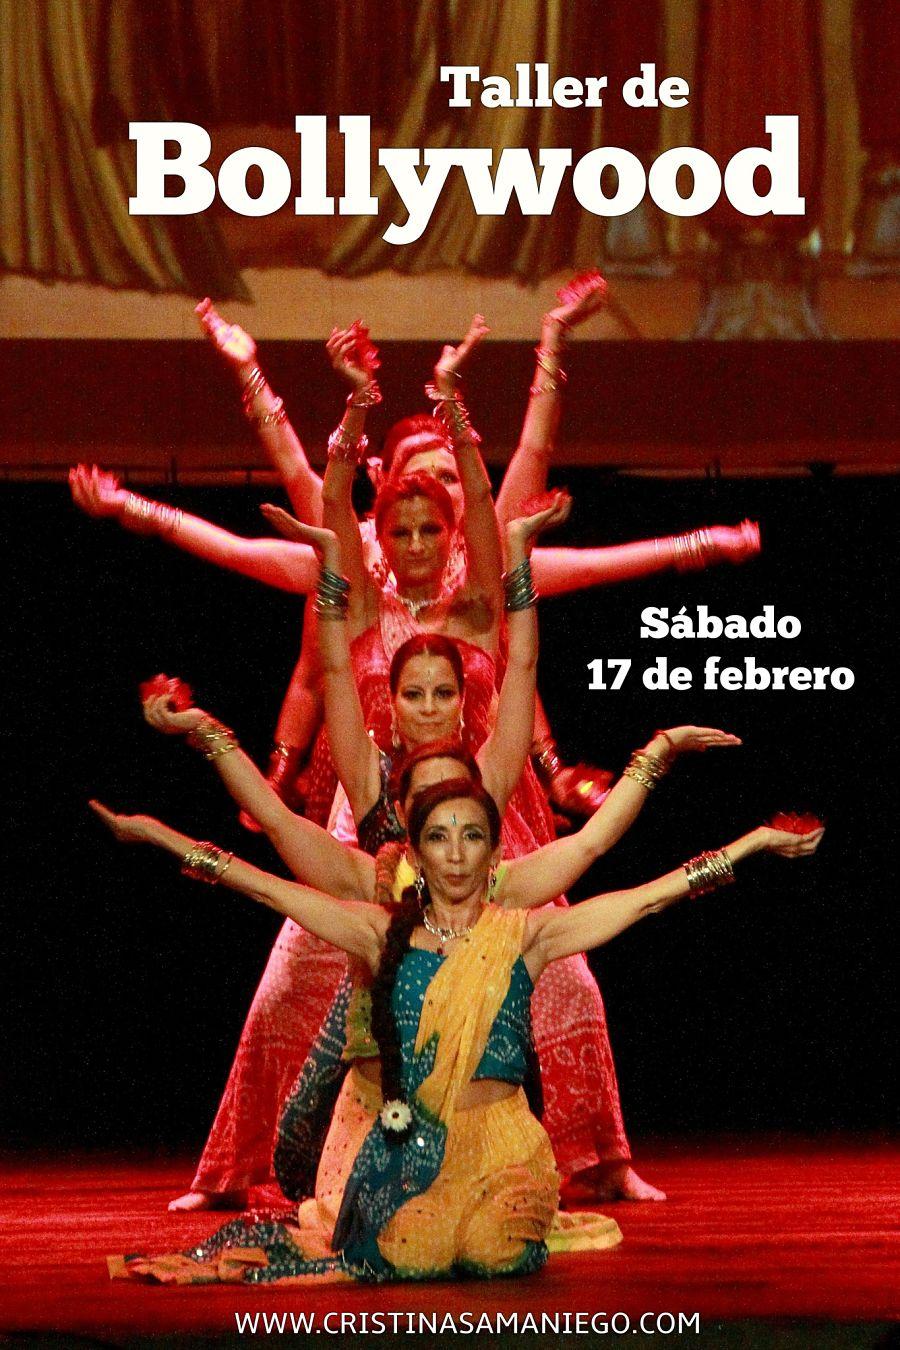 Taller de Bollywood con Cristina Samaniego el 17 de Febrero